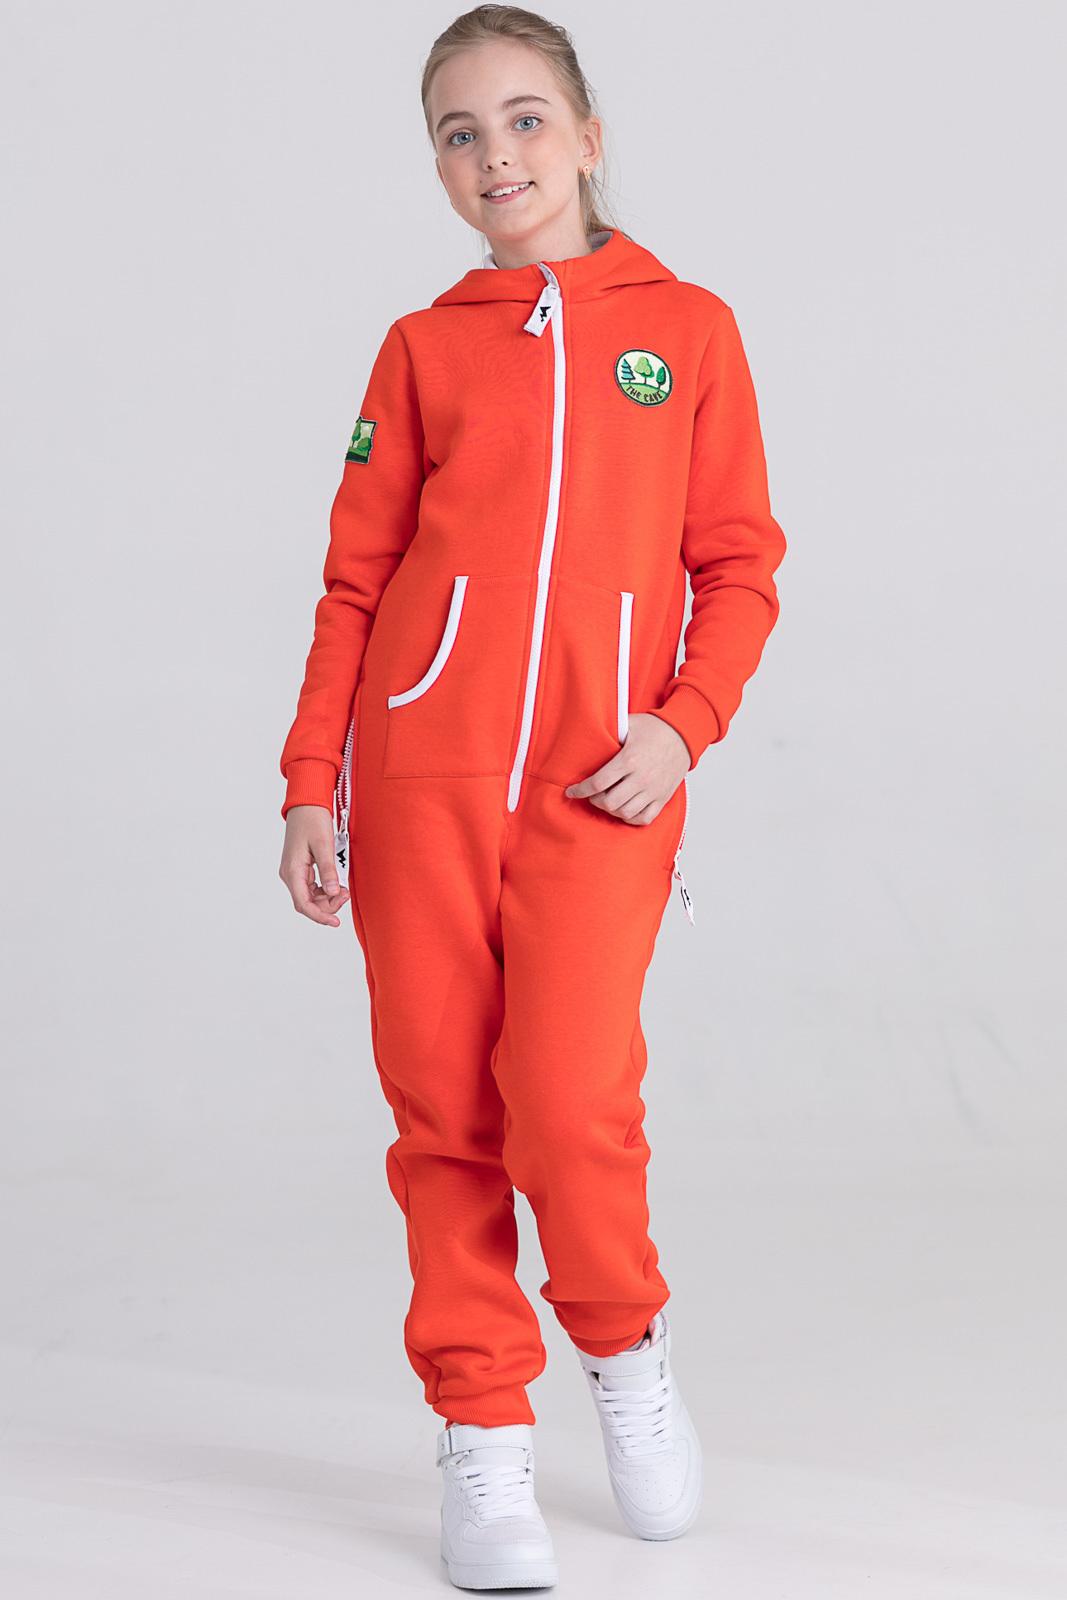 Детская домашняя одежда The Cave Детский комбинезон Veronica Цвет: Оранжевый (10-11 лет)